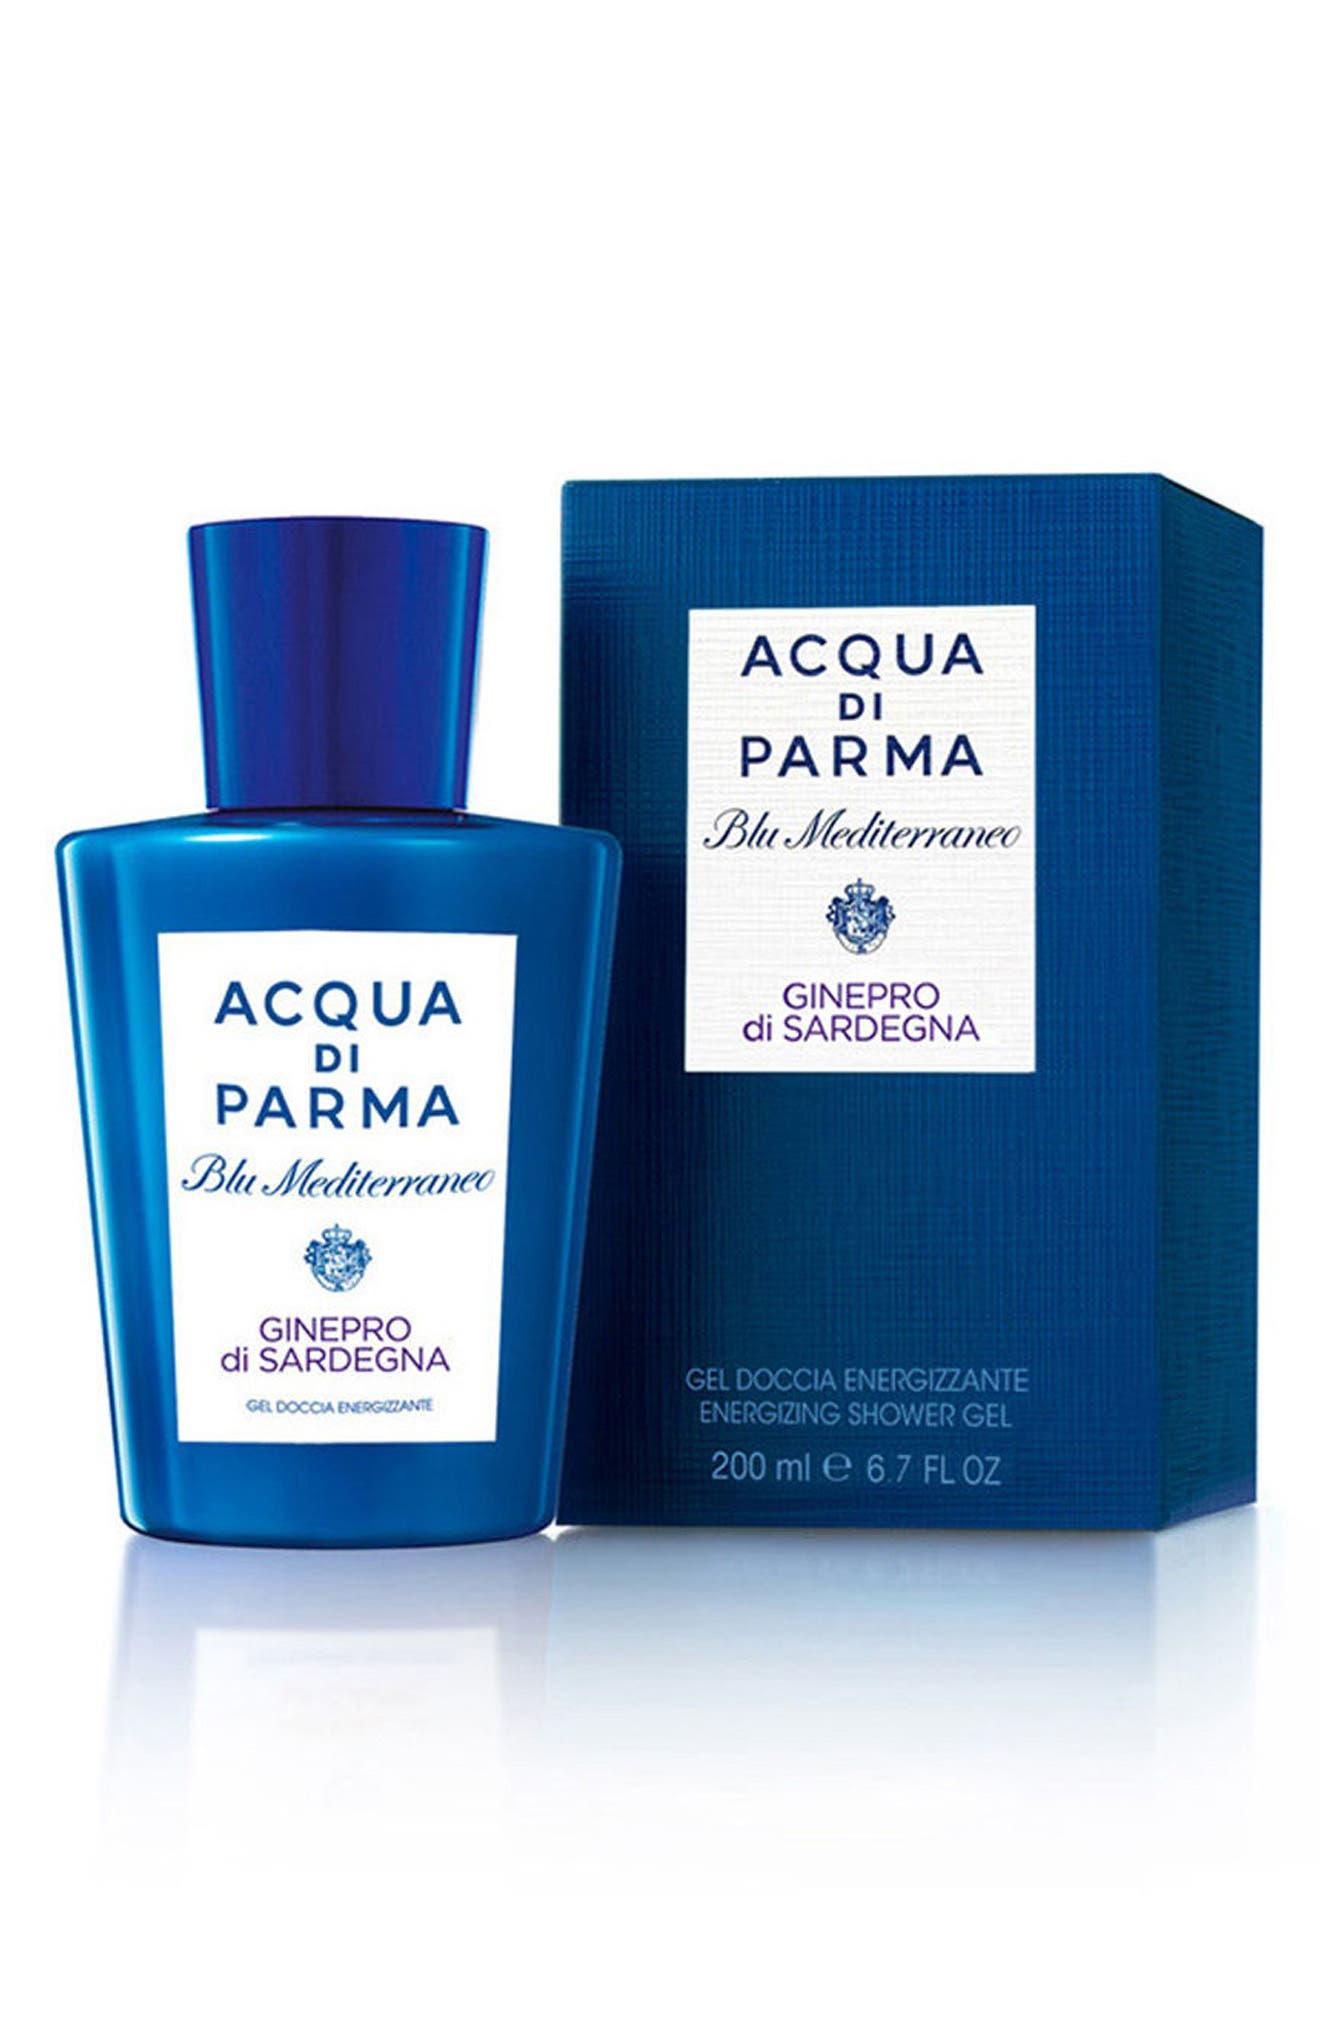 Alternate Image 2  - Acqua di Parma 'Blu Mediterraneo - Ginepro di Sardegna' Energizing Shower Gel